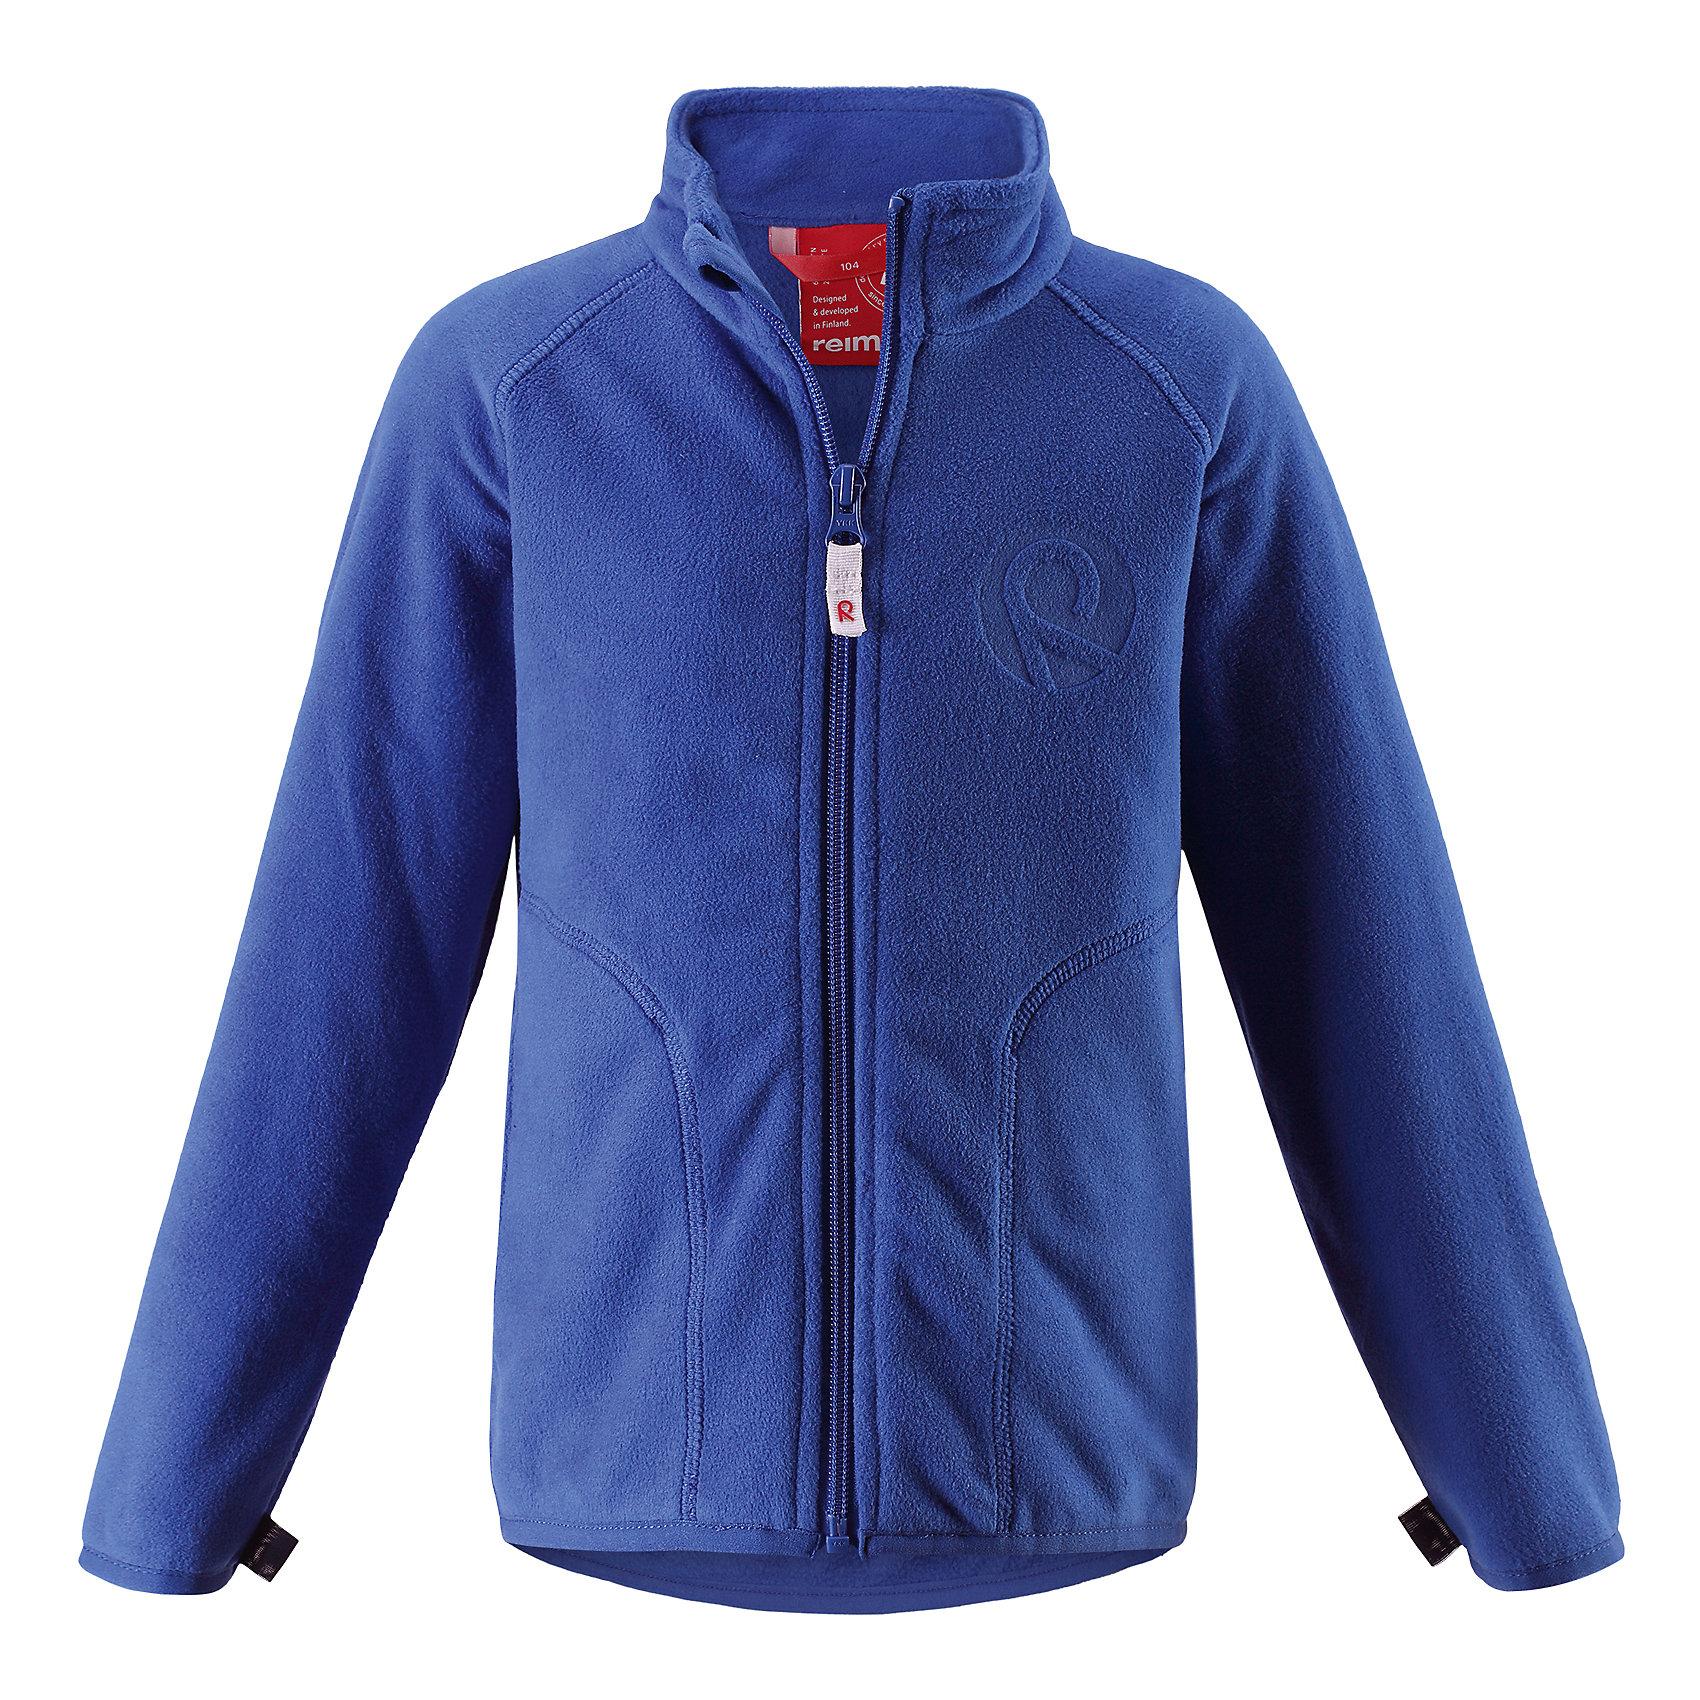 Куртка флисовая Inrun для мальчика ReimaОдежда<br>Характеристики товара:<br><br>• цвет: синий<br>• состав: 100% полиэстер<br>• поларфлис<br>• аппликация<br>• молния<br>• защита подбородка<br>• приятная на ощупь ткань<br>• карманы<br>• может пристегиваться к верхней одежде Reima® кнопками Play Layers®<br>• эластичные манжеты и подол<br>• удлиненная сзади<br>• комфортная посадка<br>• страна производства: Китай<br>• страна бренда: Финляндия<br>• коллекция: весна-лето 2017<br><br>Одежда для детей может быть модной и комфортной одновременно! Удобная курточка поможет обеспечить ребенку комфорт и тепло. Изделие сшито из поларфлис - мягкого и теплого материала, приятного на ощупь. Модель стильно смотрится, отлично сочетается с различным низом. Стильный дизайн разрабатывался специально для детей.<br><br>Одежда и обувь от финского бренда Reima пользуется популярностью во многих странах. Эти изделия стильные, качественные и удобные. Для производства продукции используются только безопасные, проверенные материалы и фурнитура. Порадуйте ребенка модными и красивыми вещами от Reima! <br><br>Куртку флисовую для мальчика от финского бренда Reima (Рейма) можно купить в нашем интернет-магазине.<br><br>Ширина мм: 356<br>Глубина мм: 10<br>Высота мм: 245<br>Вес г: 519<br>Цвет: синий<br>Возраст от месяцев: 24<br>Возраст до месяцев: 36<br>Пол: Мужской<br>Возраст: Детский<br>Размер: 98,92,140,134,128,122,116,110,104<br>SKU: 5268126